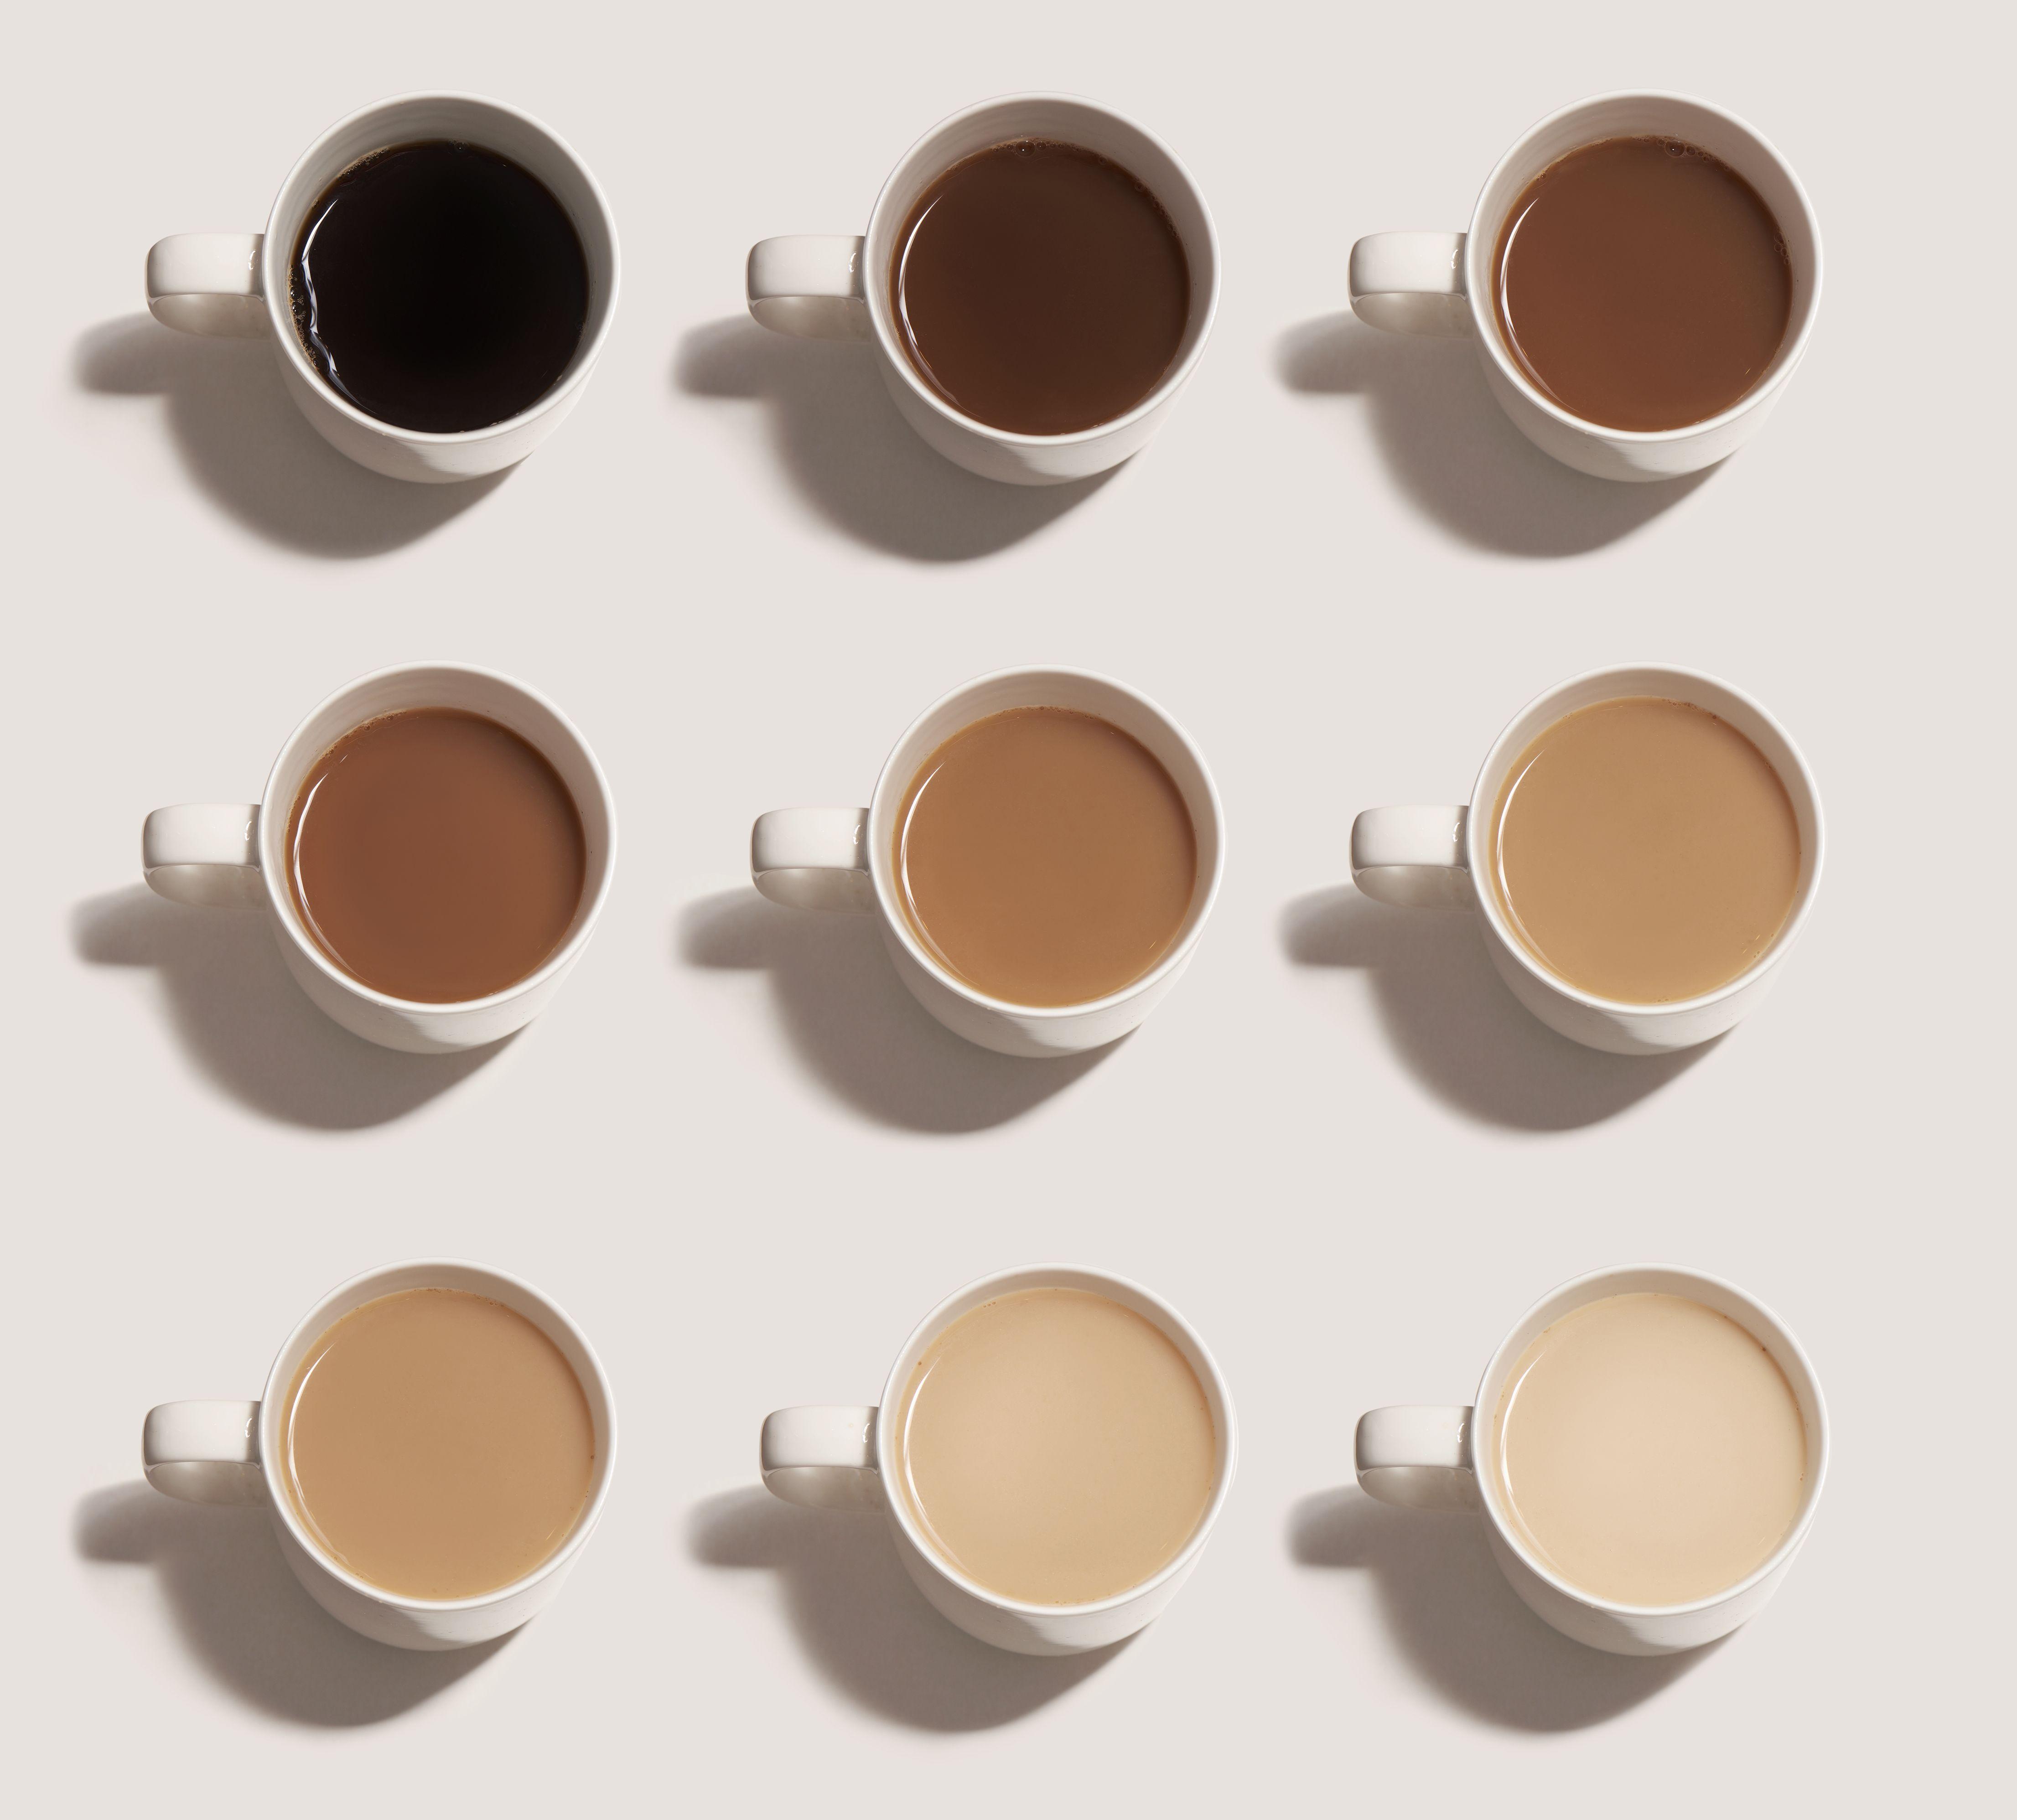 Il colore del caffè è usato per giocare alla battaglia navale grazie a una foto diventata virale